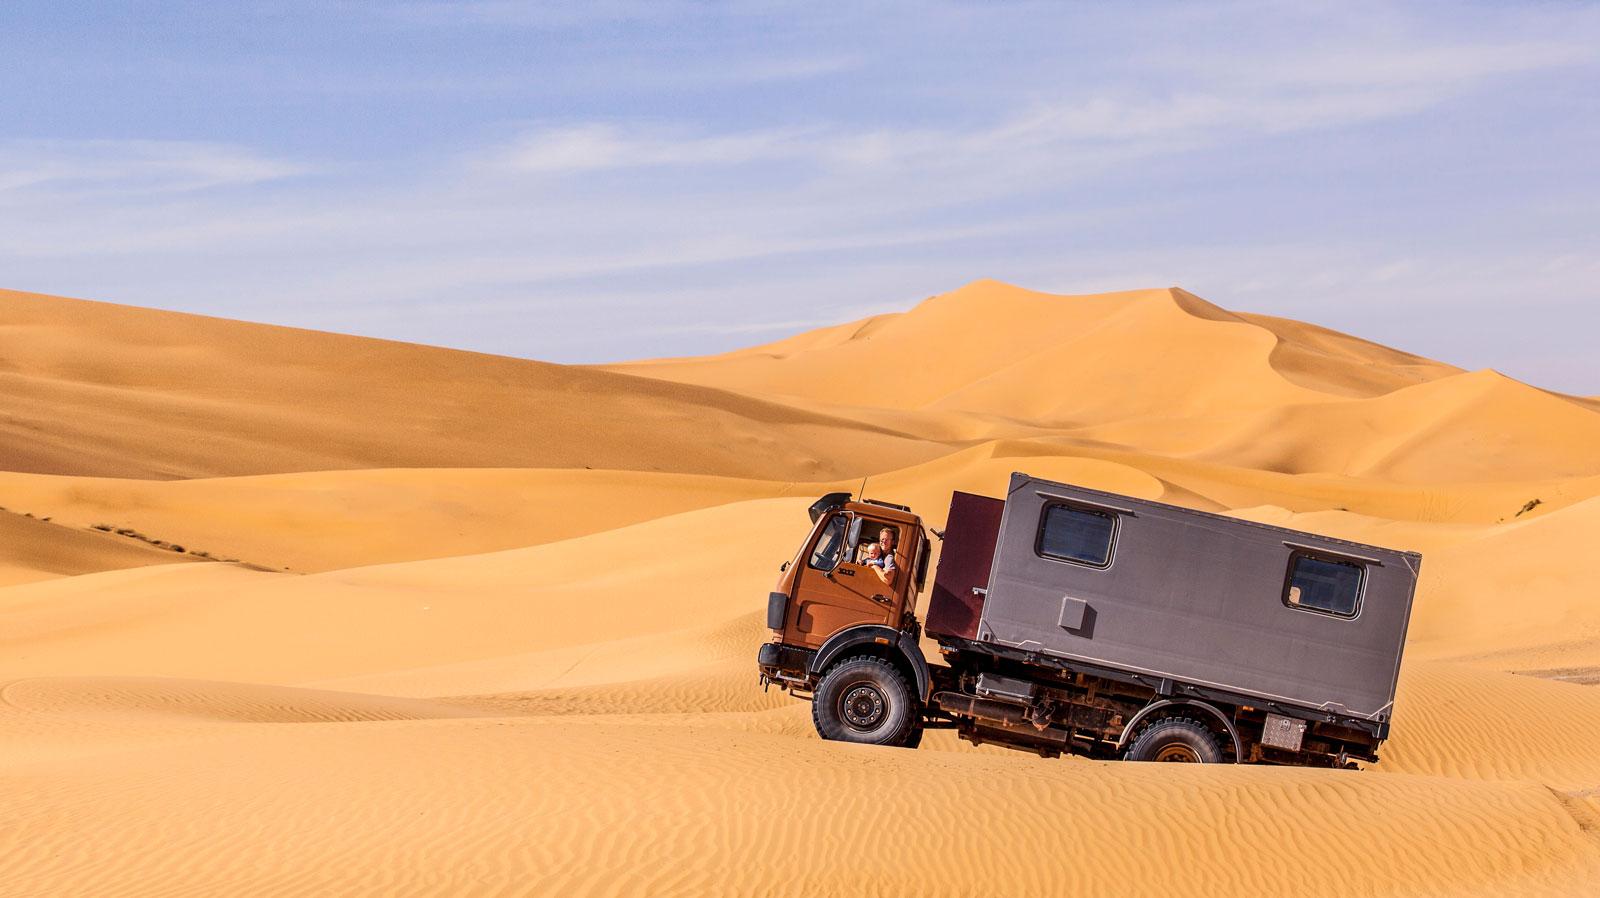 Körning i sanddyner är ingen match för denna terränghusbil.